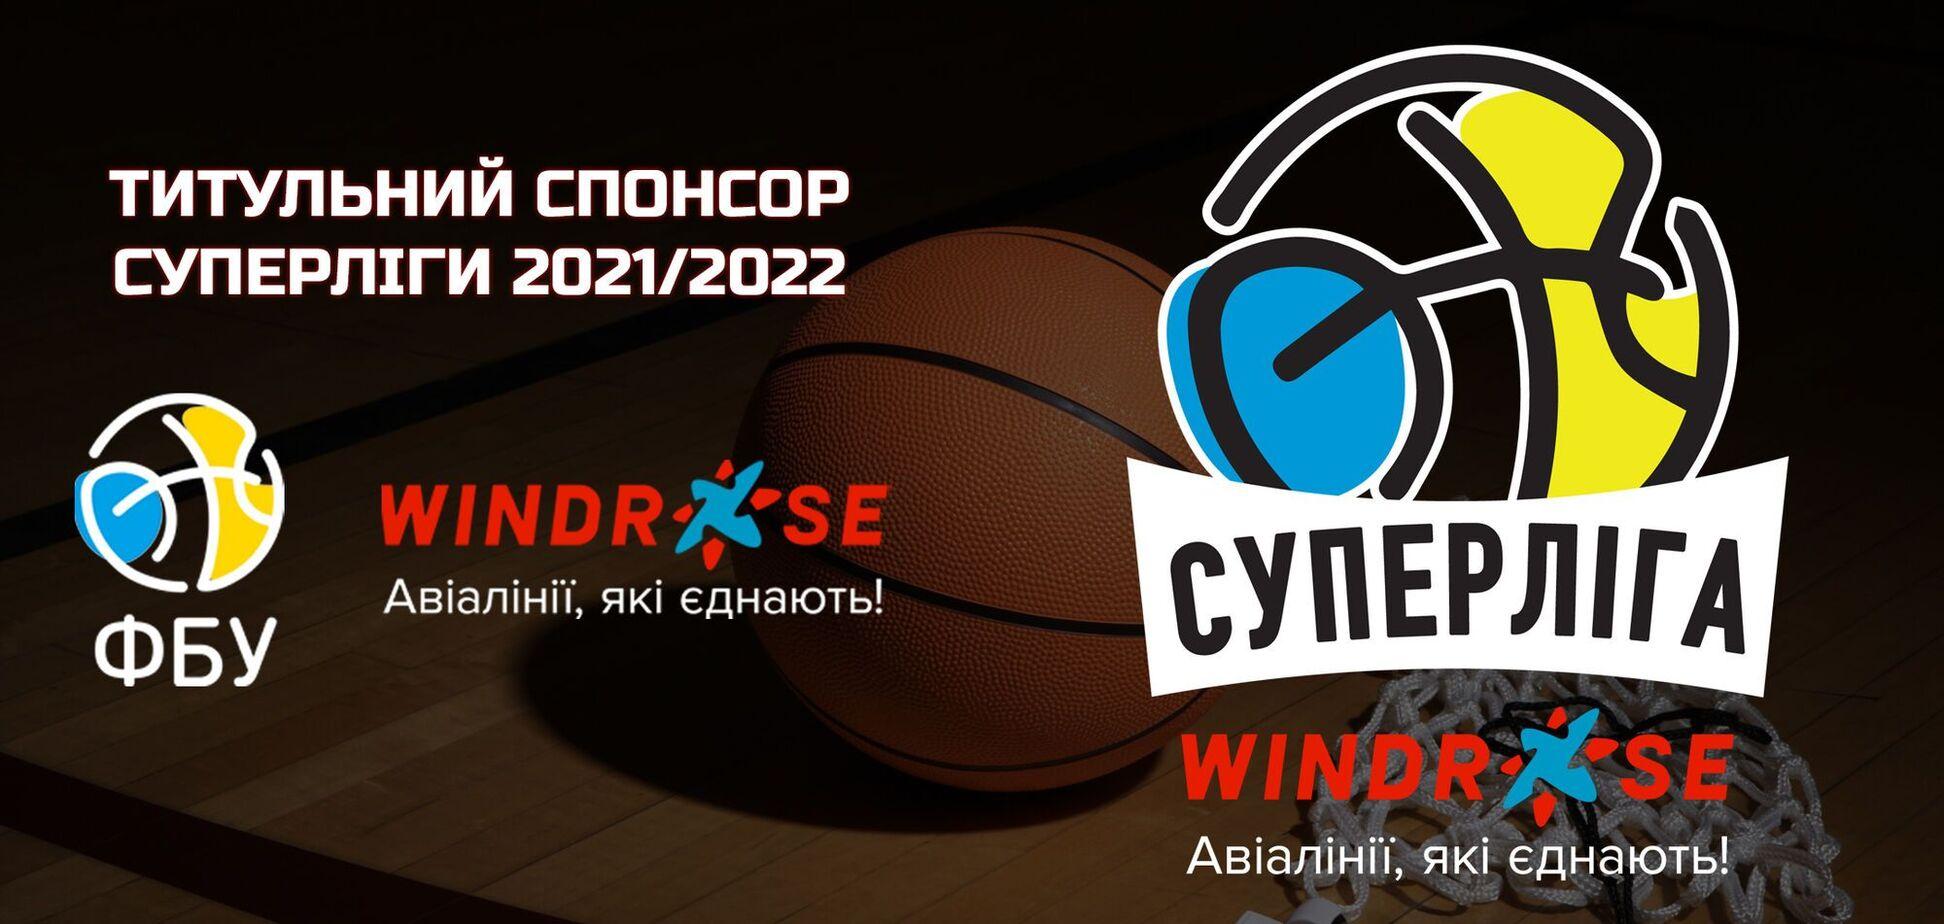 Windrose стал титульным спонсором баскетбольной Суперлиги